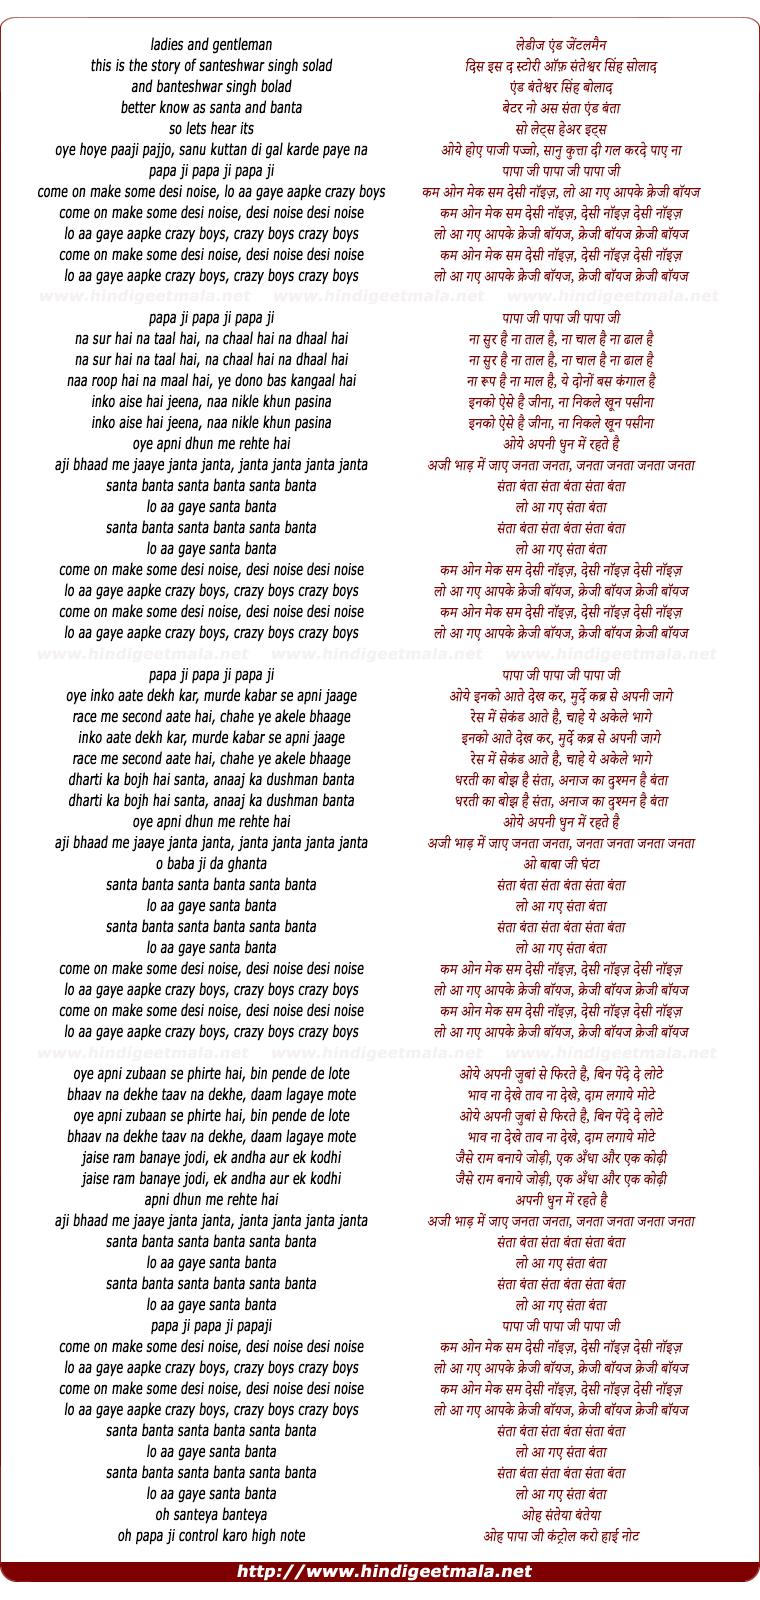 lyrics of song Lo Aa Gaye Santa Banta